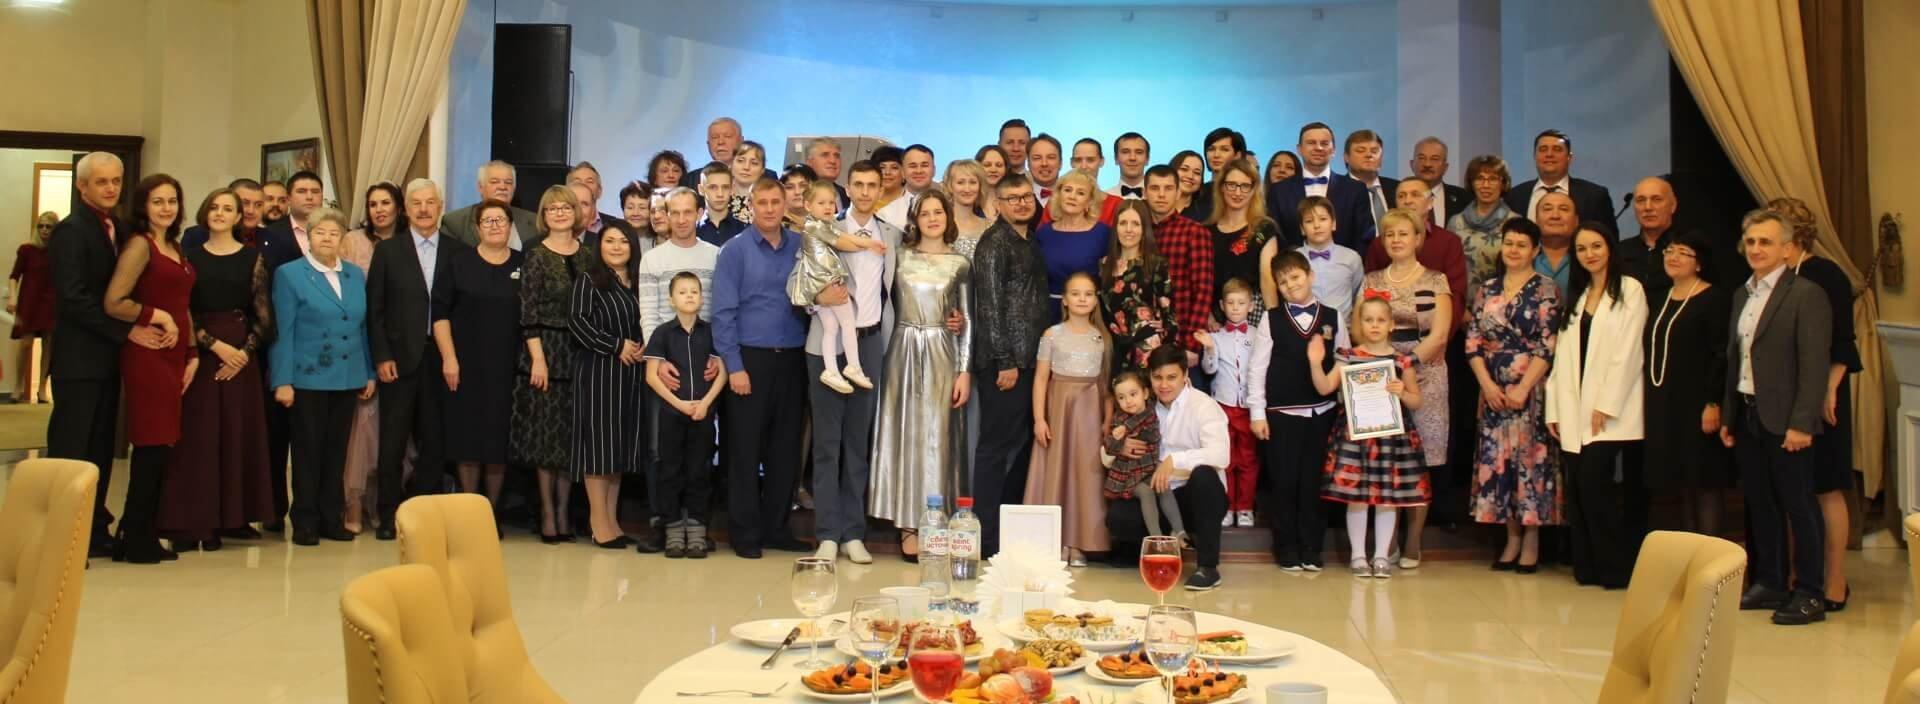 Итоги года семьи в Югорске